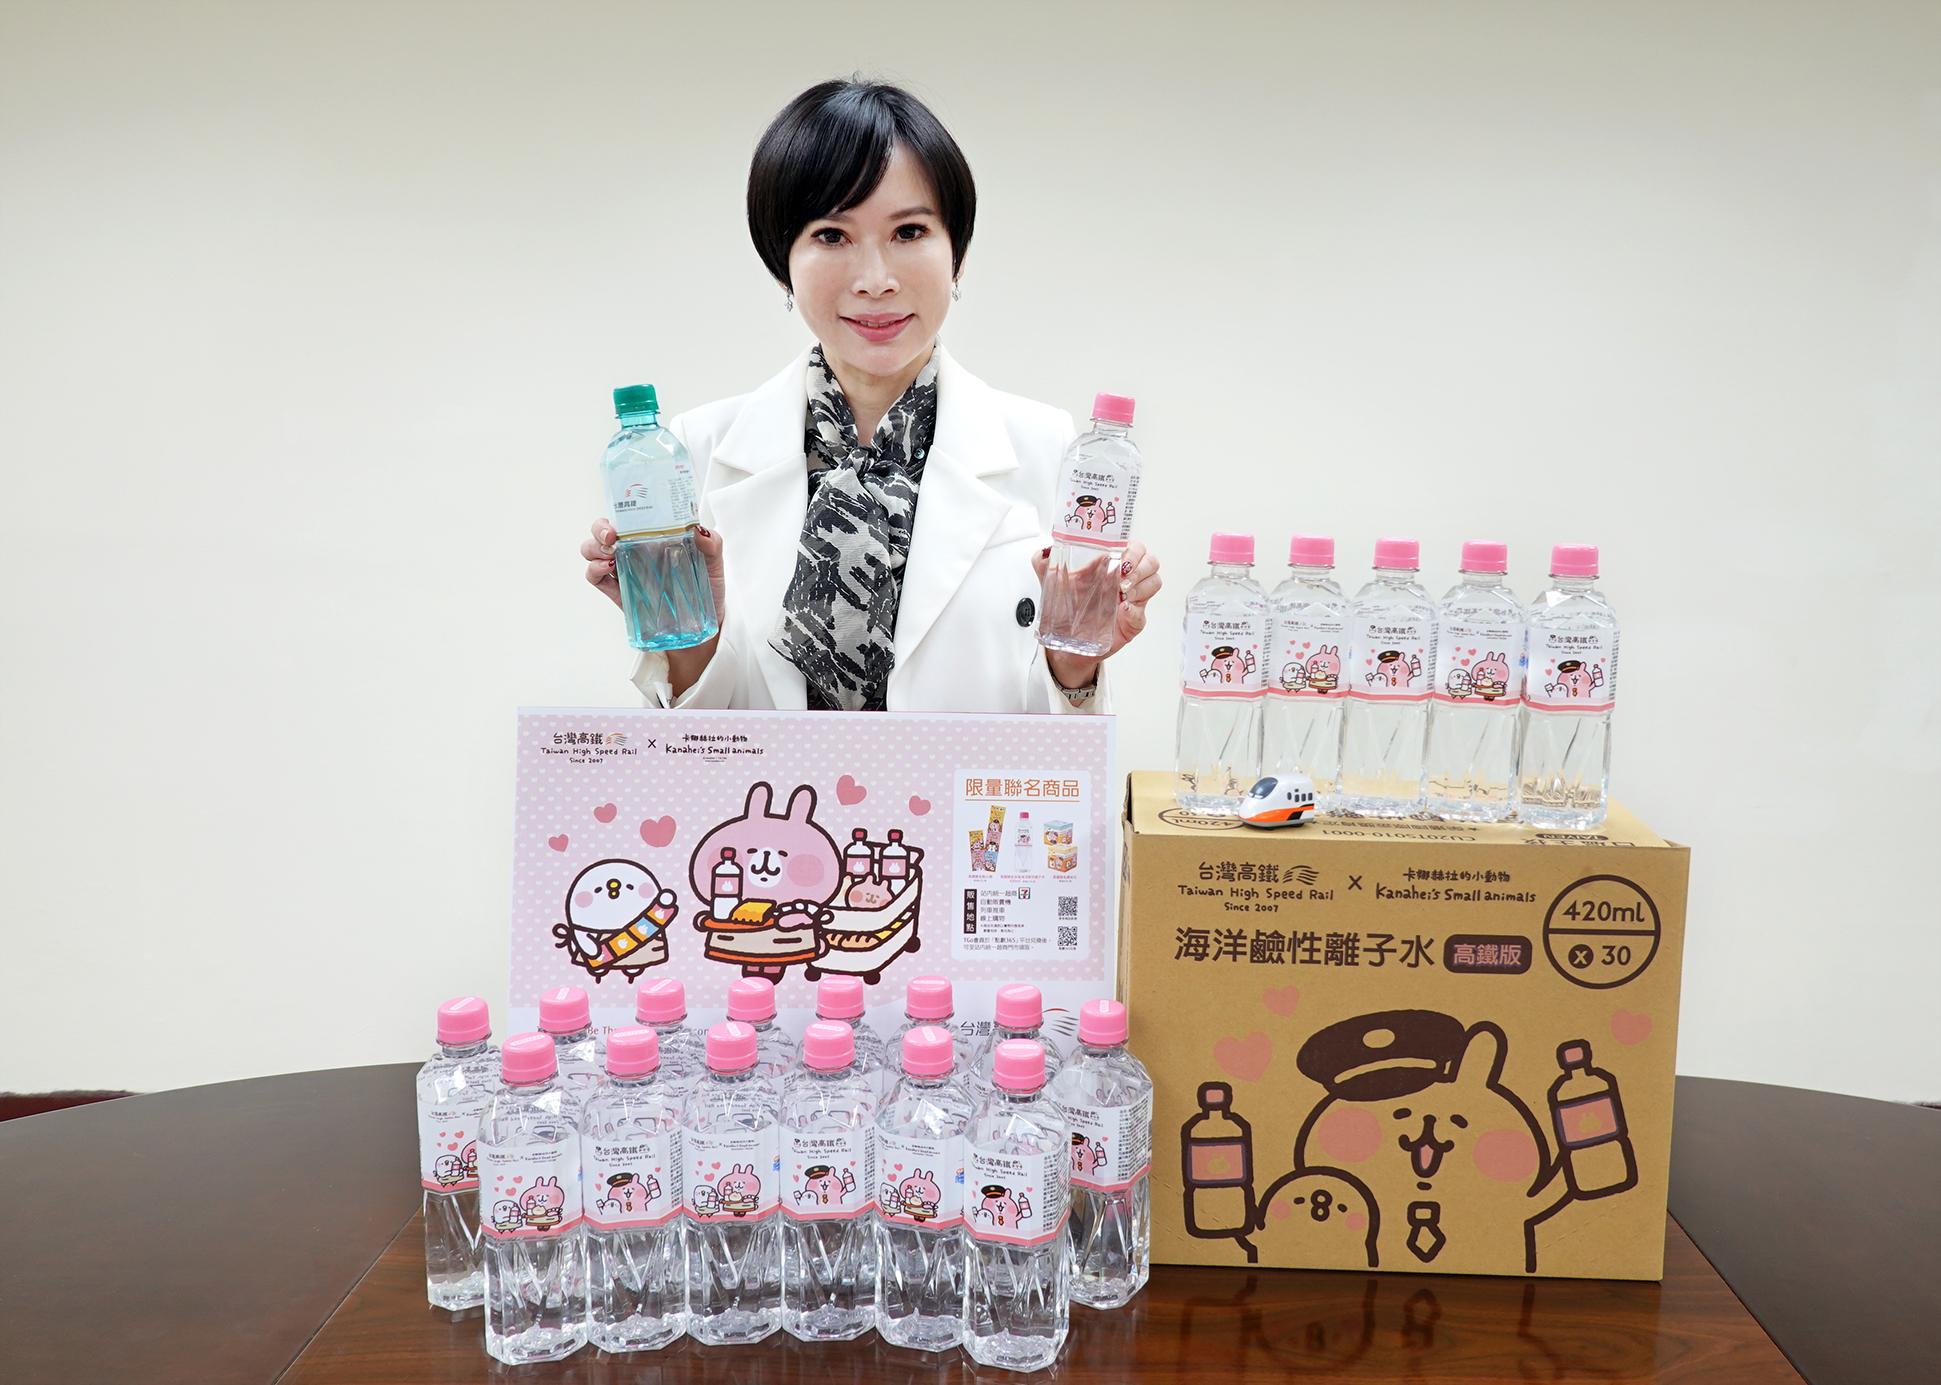 臺鹽公司總經理吳旭慧表示,臺鹽與高鐵合作,推出超人氣聯名Q萌變身的「台鹽海洋鹼性離子水」,成功行銷國際!